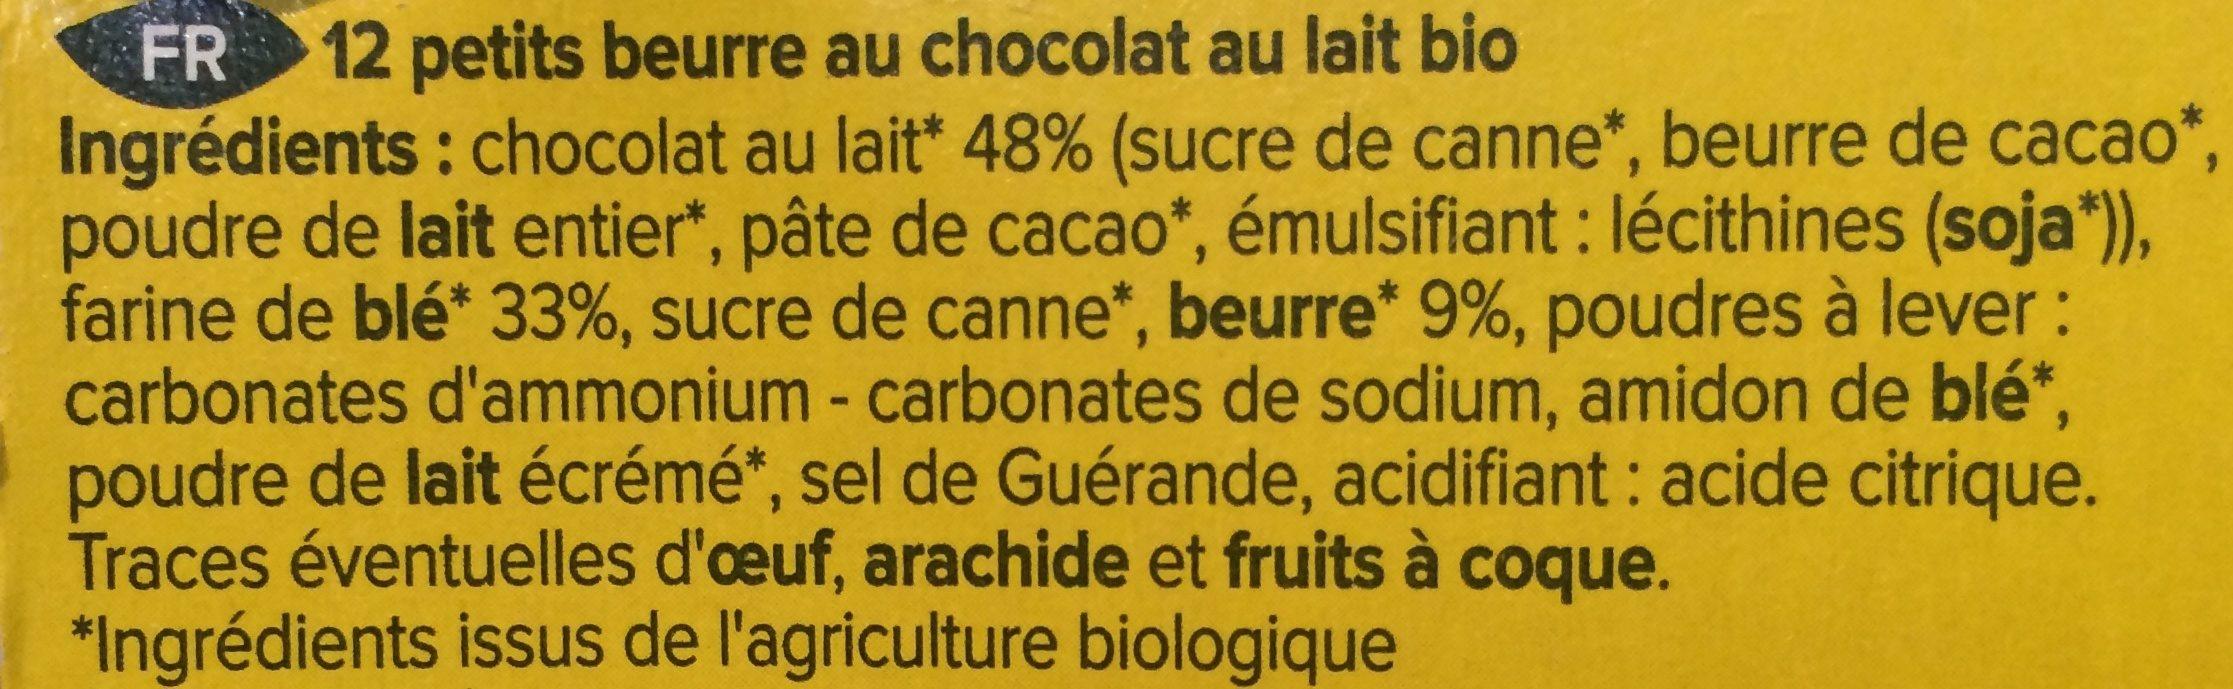 Petit beurre chocolat au lait bio - Ingrédients - fr